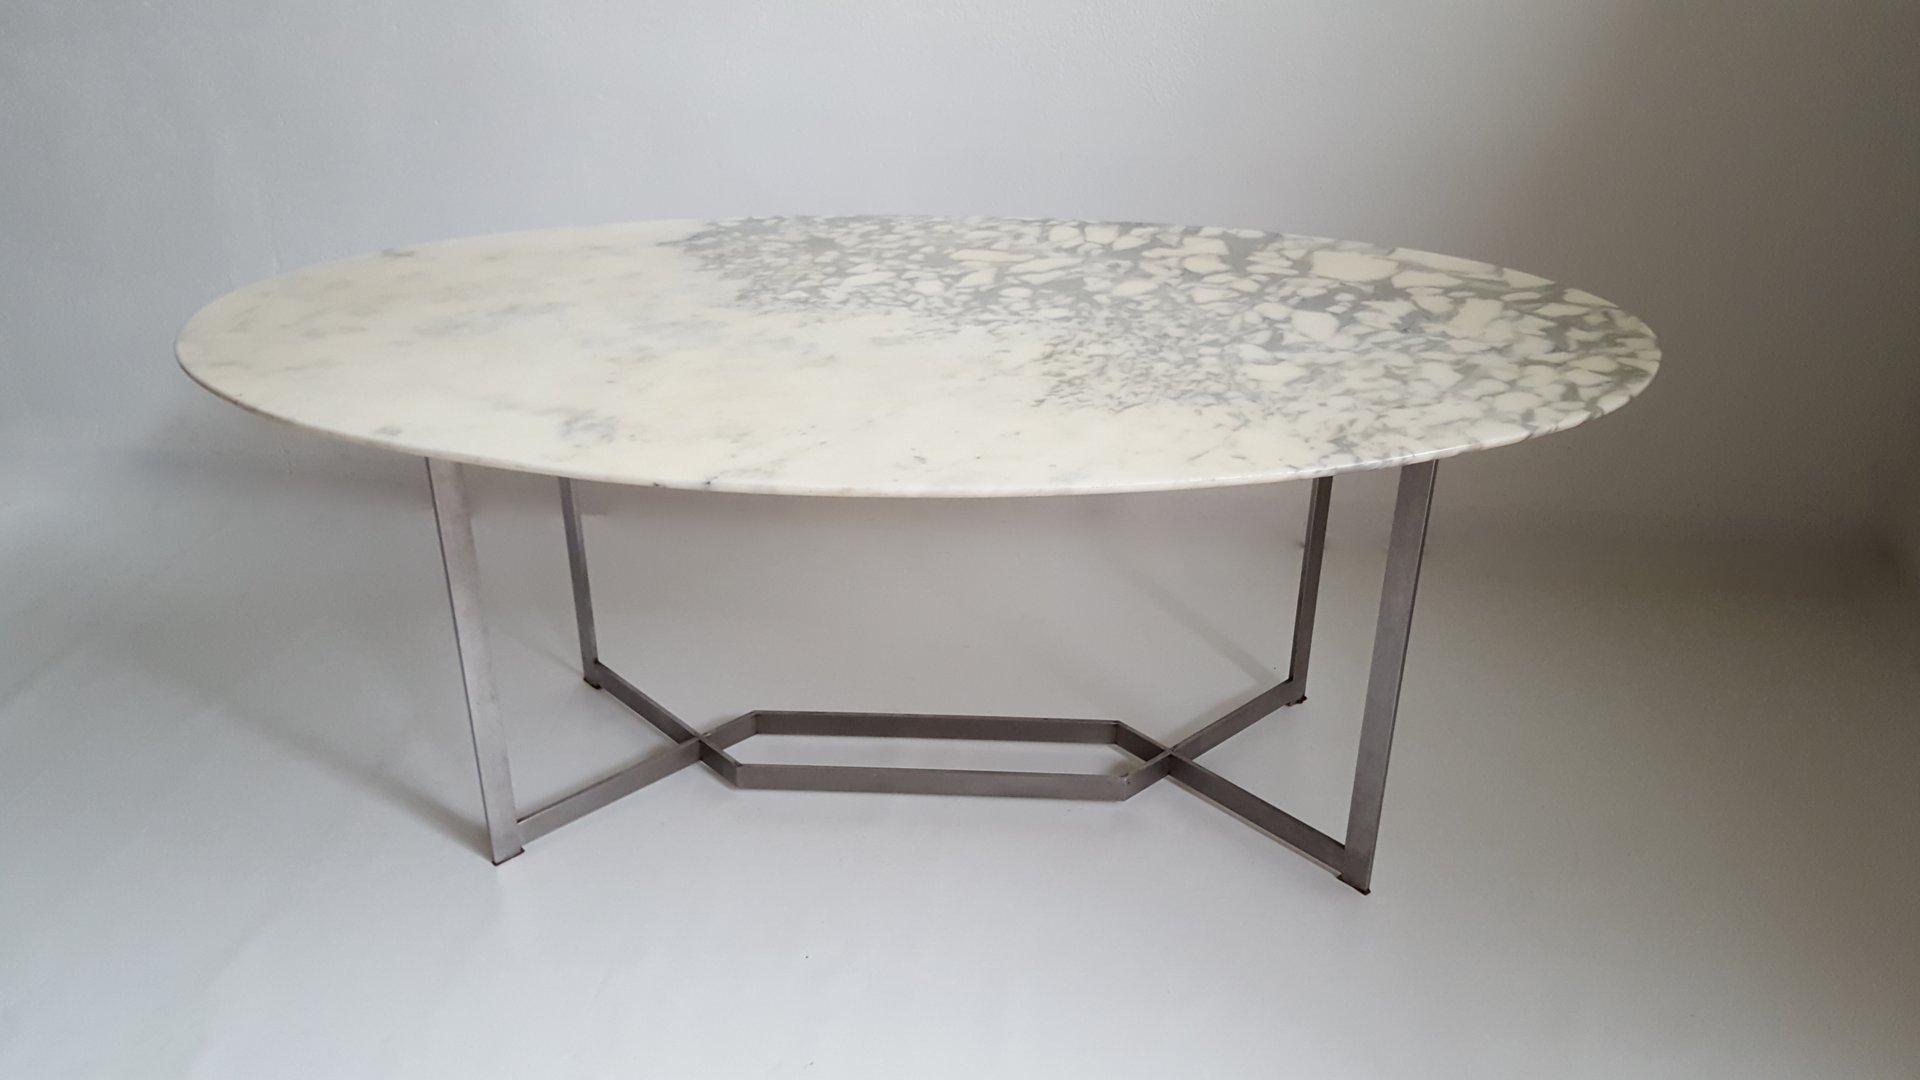 Franz sischer ovaler marmor edelstahl esstisch von paul for Esstisch marmor weiss